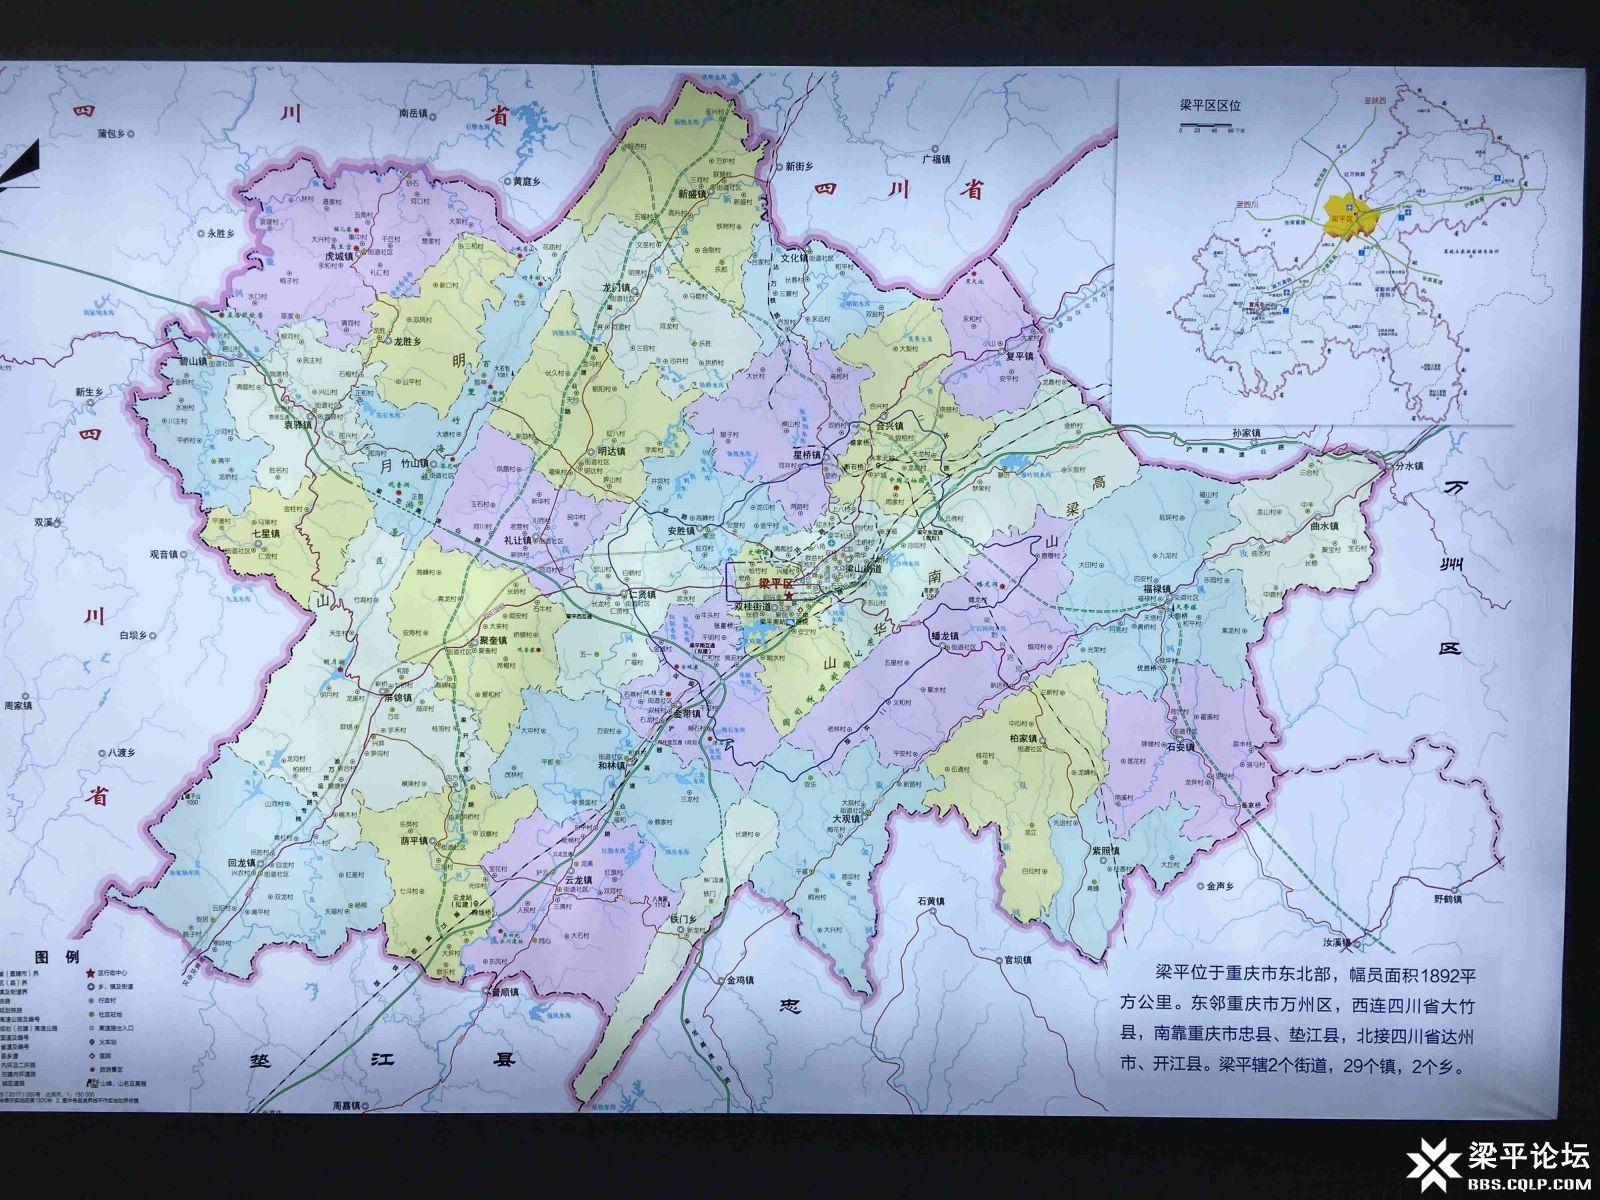 2.梁平区高速公路规划图.jpg